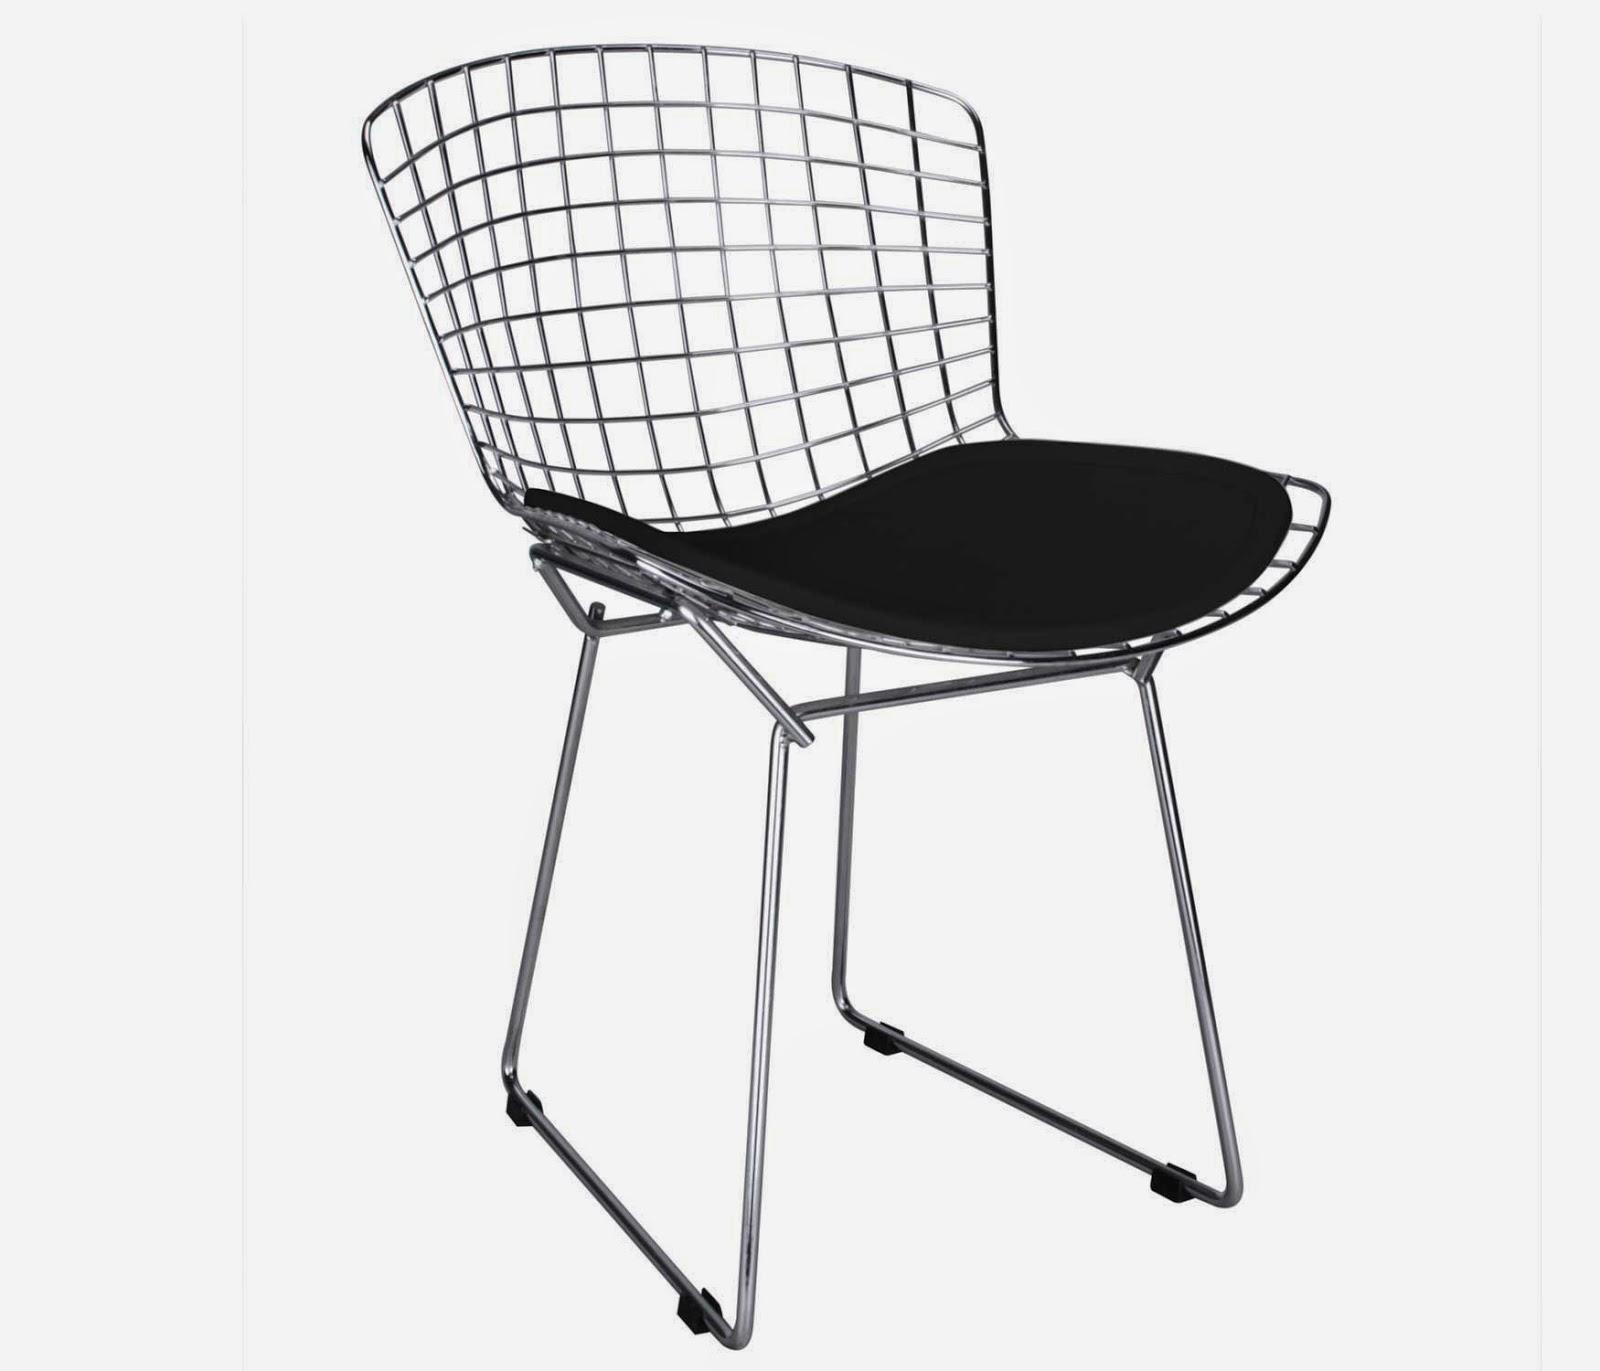 de decoração Arquitrecos: Cadeiras e Banquetas na decoração de  #61656A 1600x1371